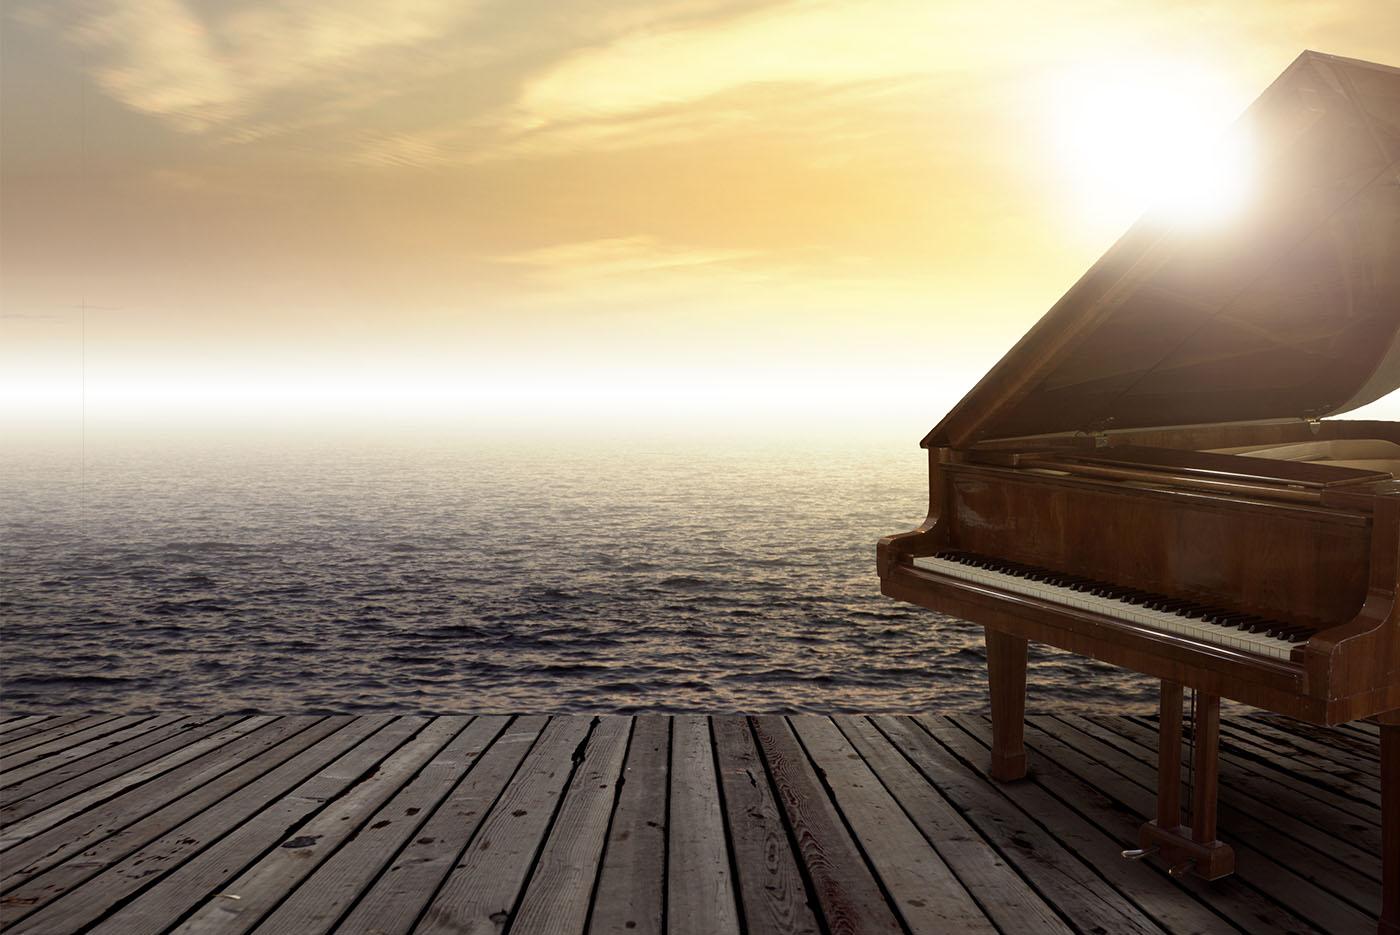 Naturklänge – Eine Konzertreihe Auf Fischland-Darß-Zingst